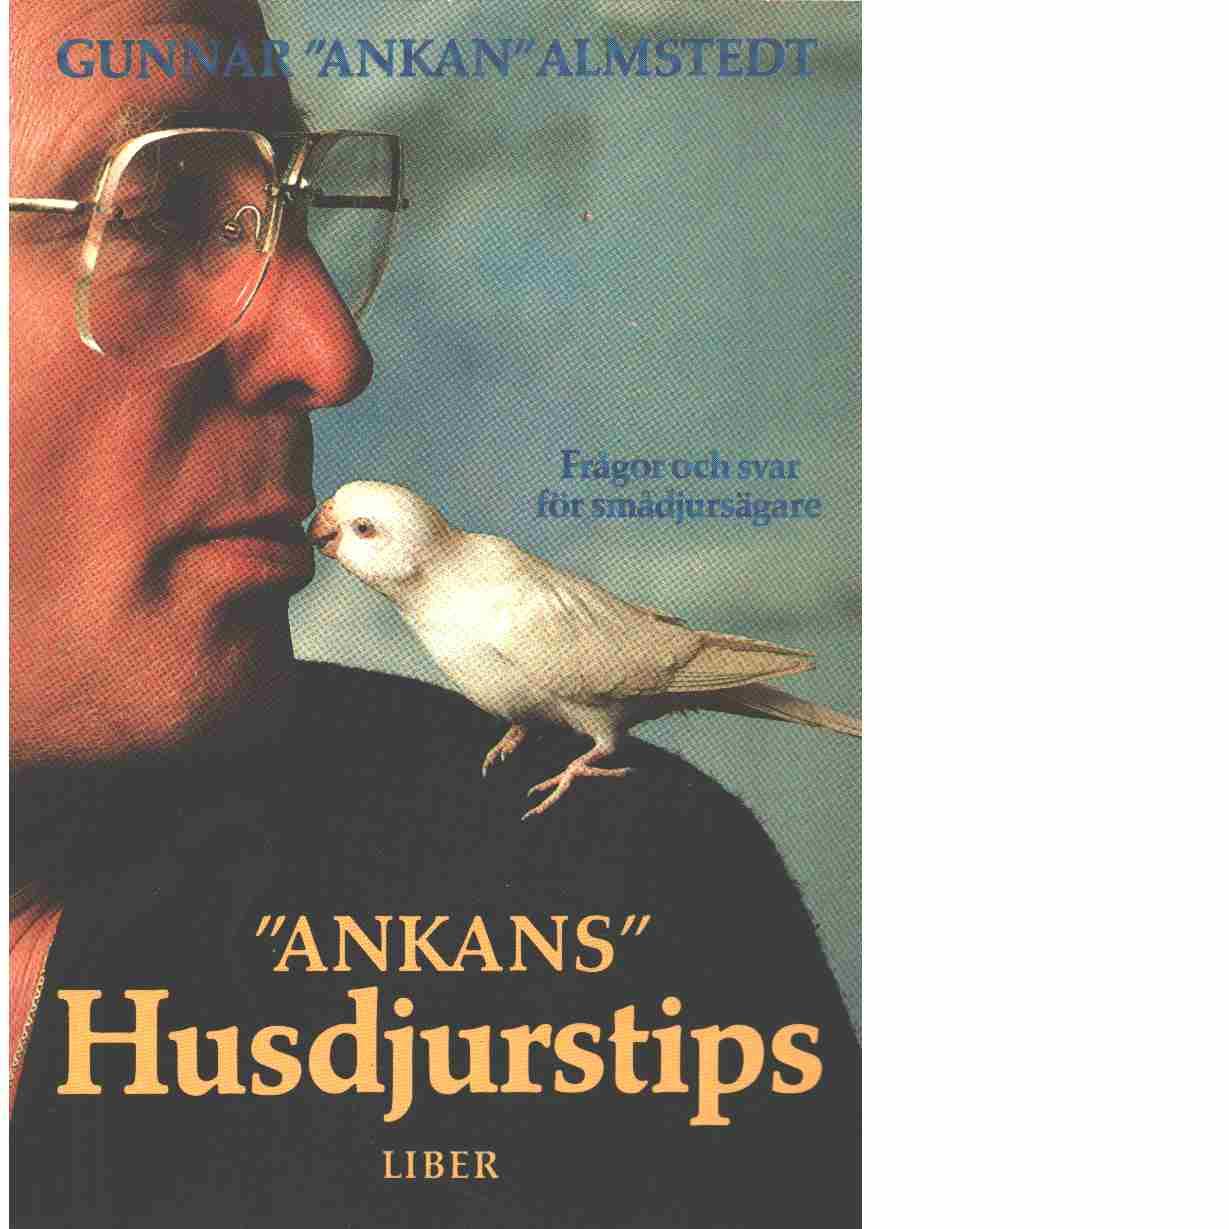 """Ankans"""" husdjurstips : frågor och svar till smådjursägaren - Almstedt, Gunnar"""